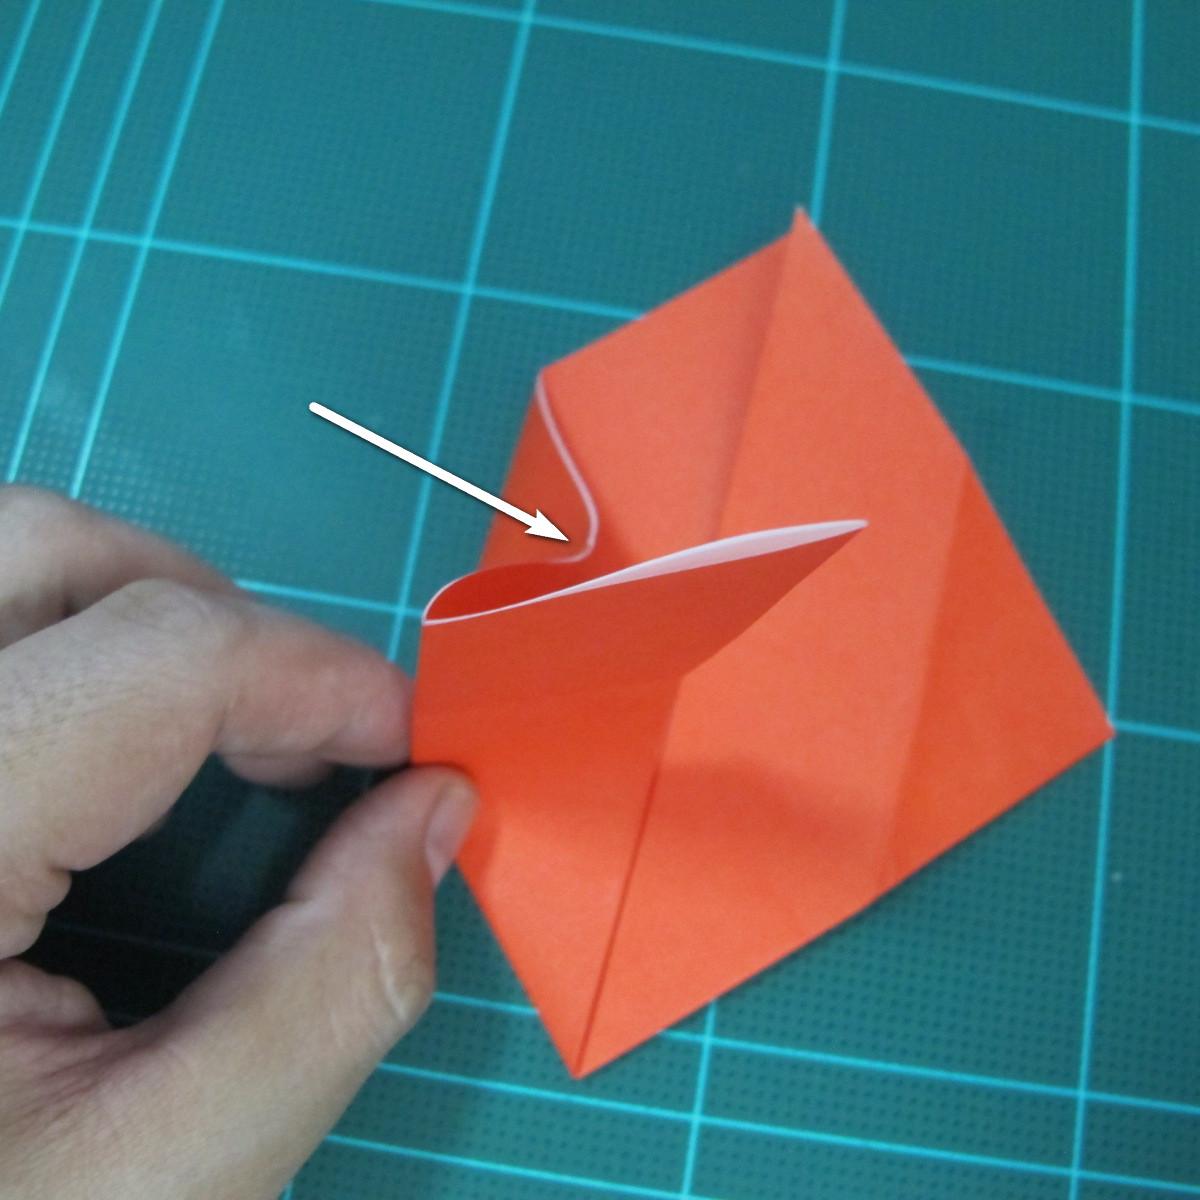 การพับกระดาษเป็นนกพิราบ (Origami pigeon) 00010